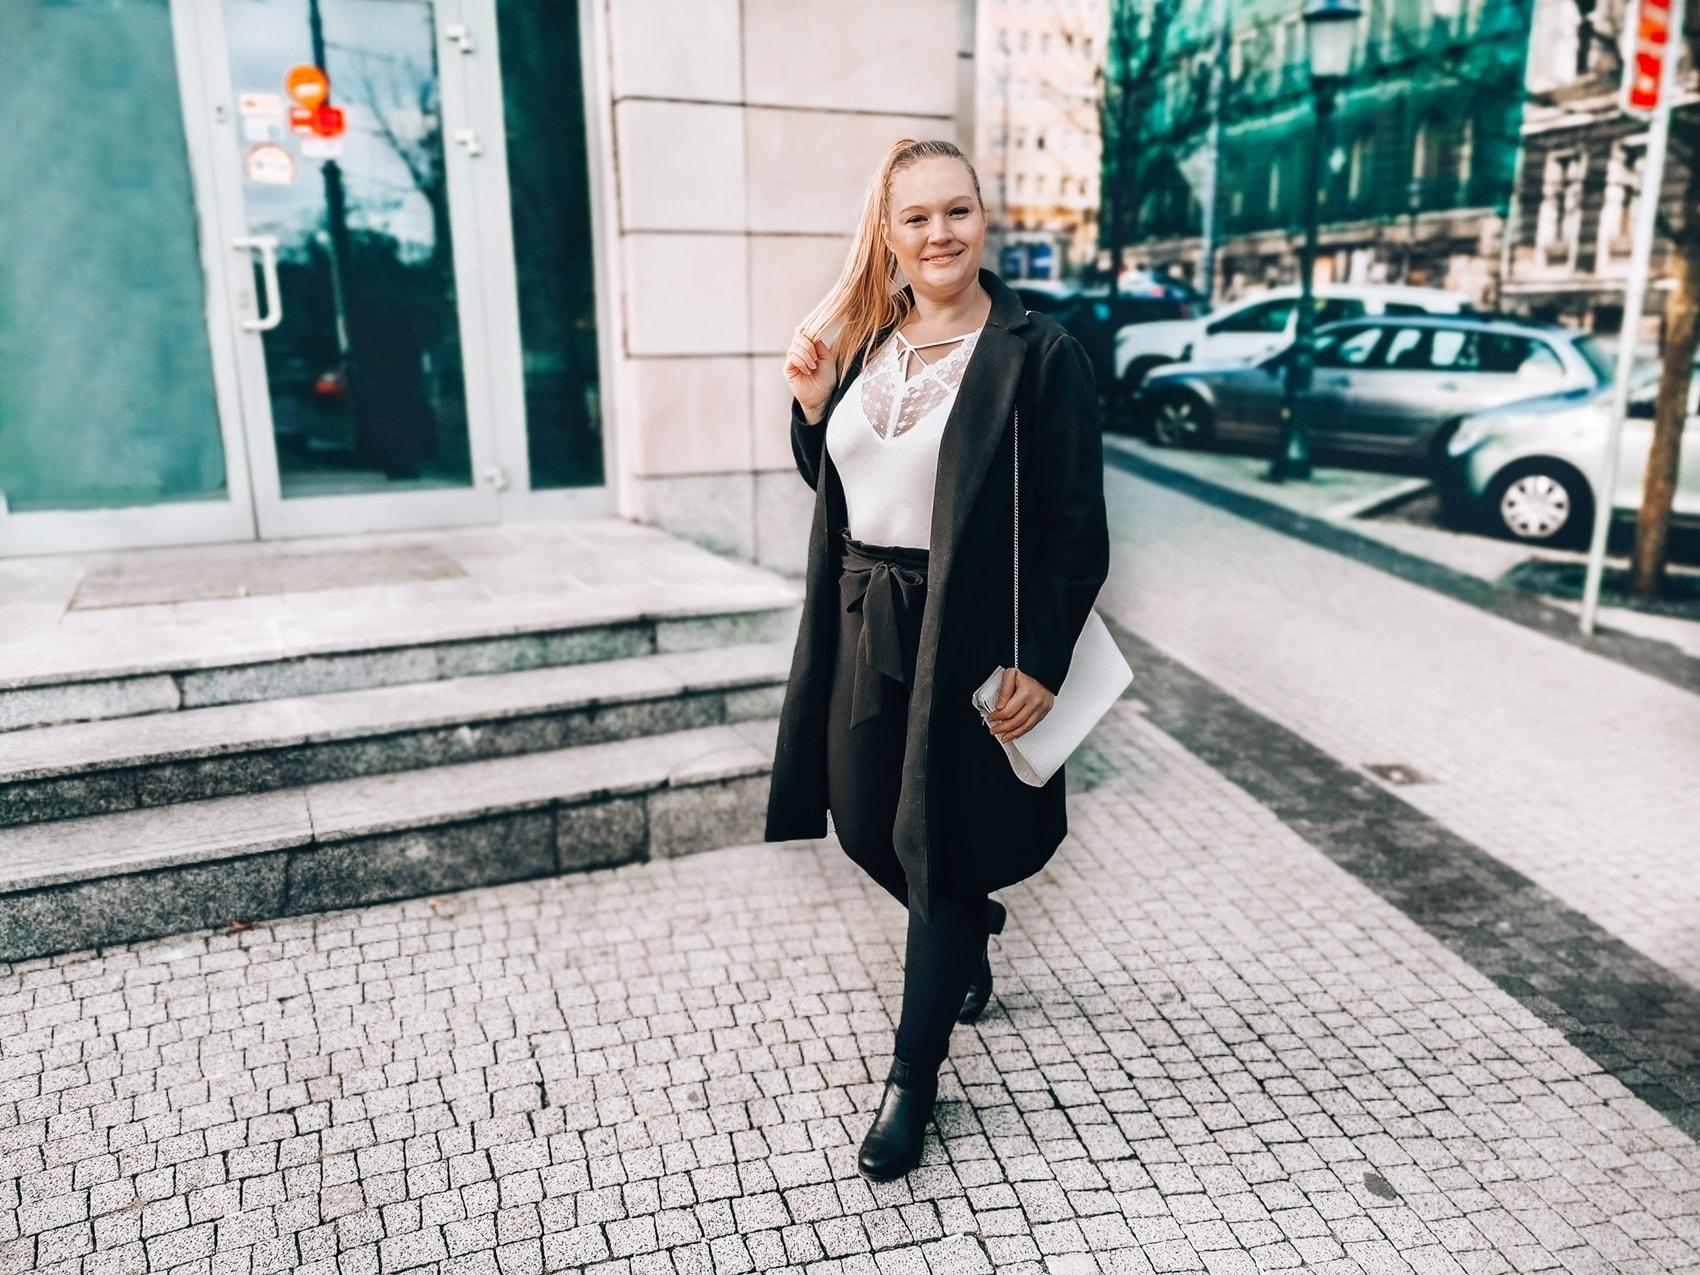 modnie-stylowo_moda-uliczna